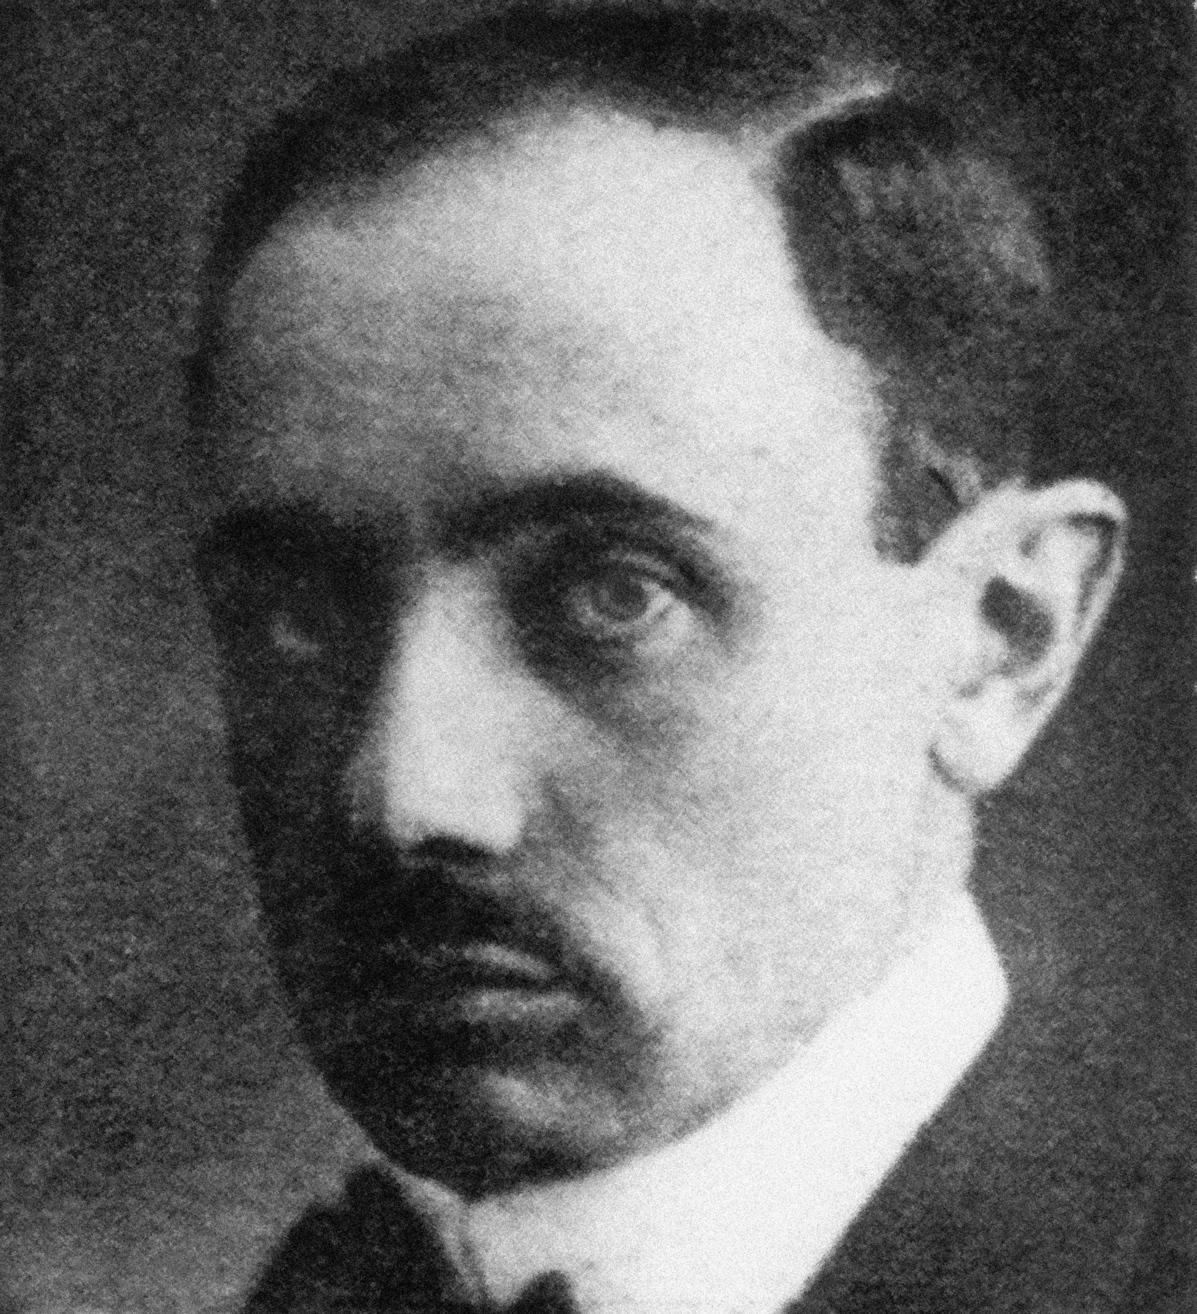 Gróf Teleki Pál (1879-1941) politikus, miniszterelnök, földrajztudós, egyetemi tanár, az MTA tagja (Fotó: MTI)